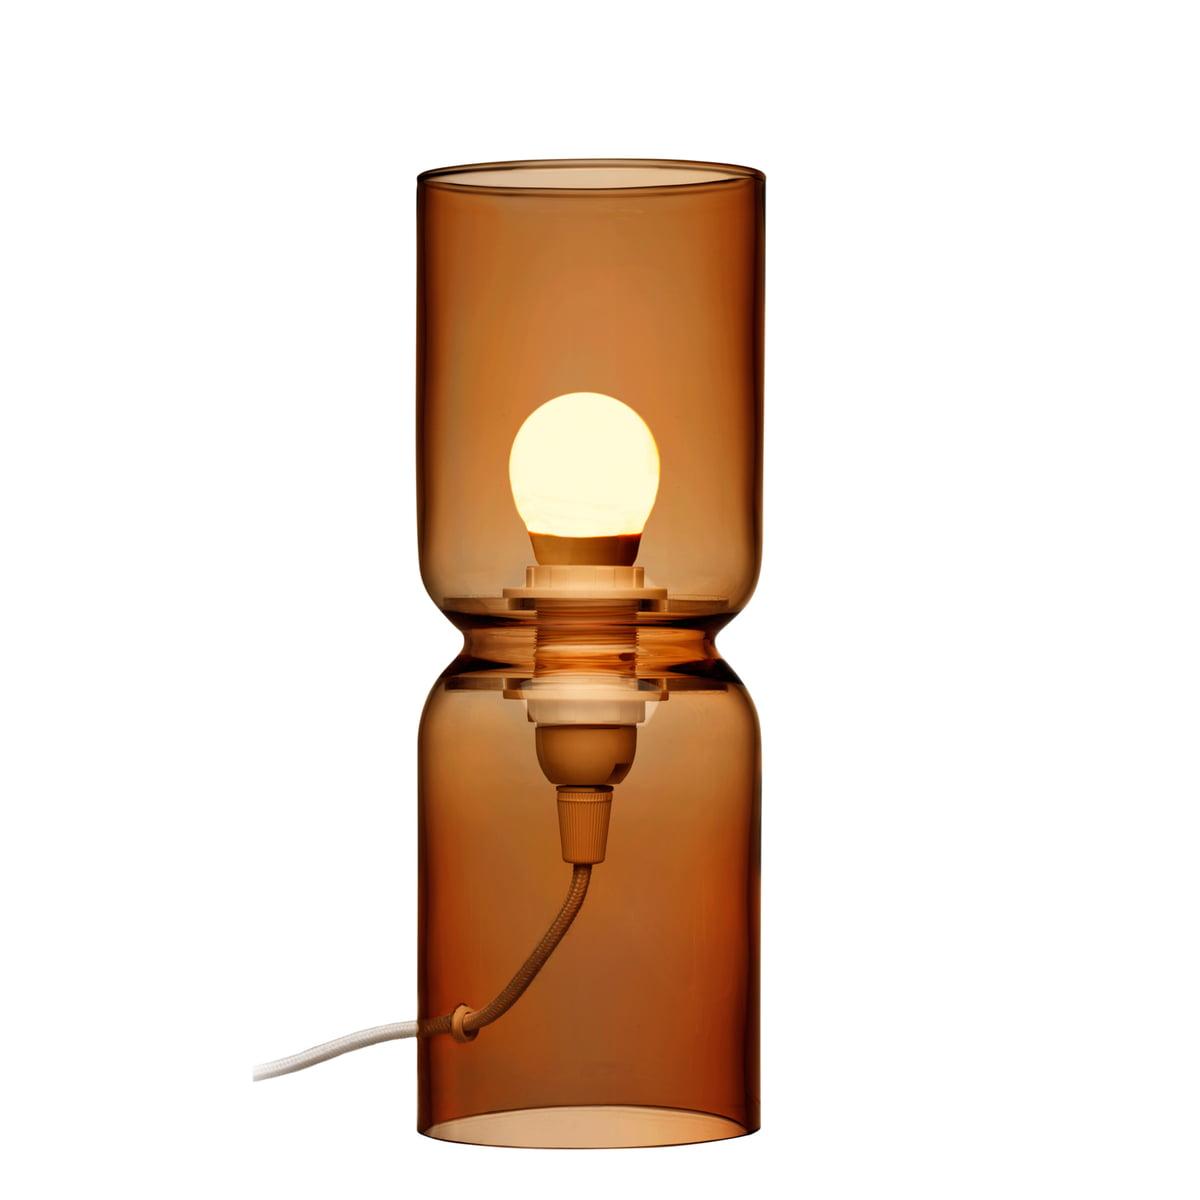 Die Iittala Lantern Leuchte Im Design Shop